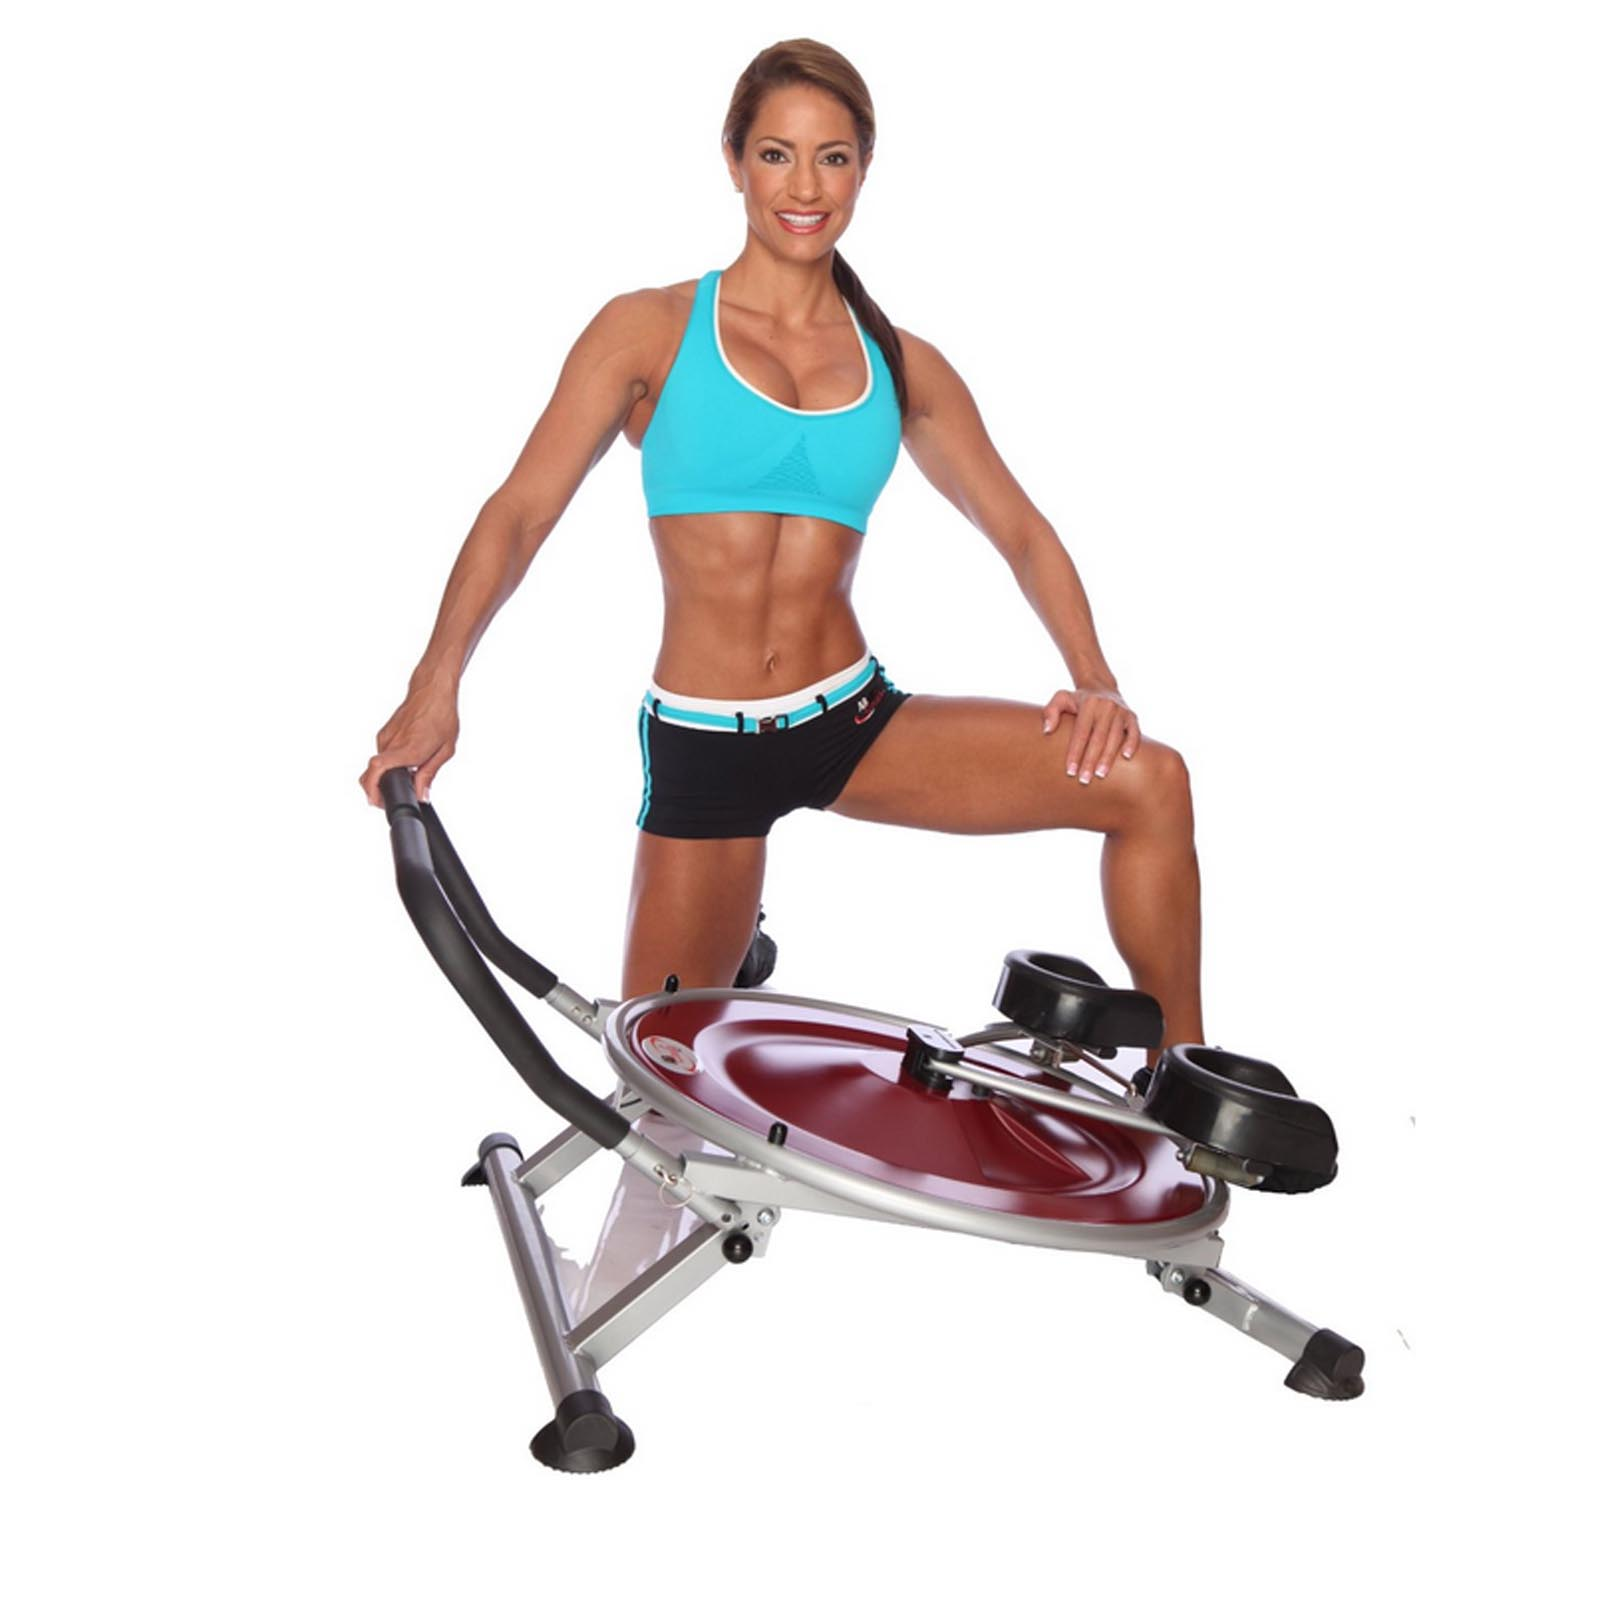 Самые эффективные тренажеры для похудения - как выбрать для тренировок на все группы мышц в домашних условиях